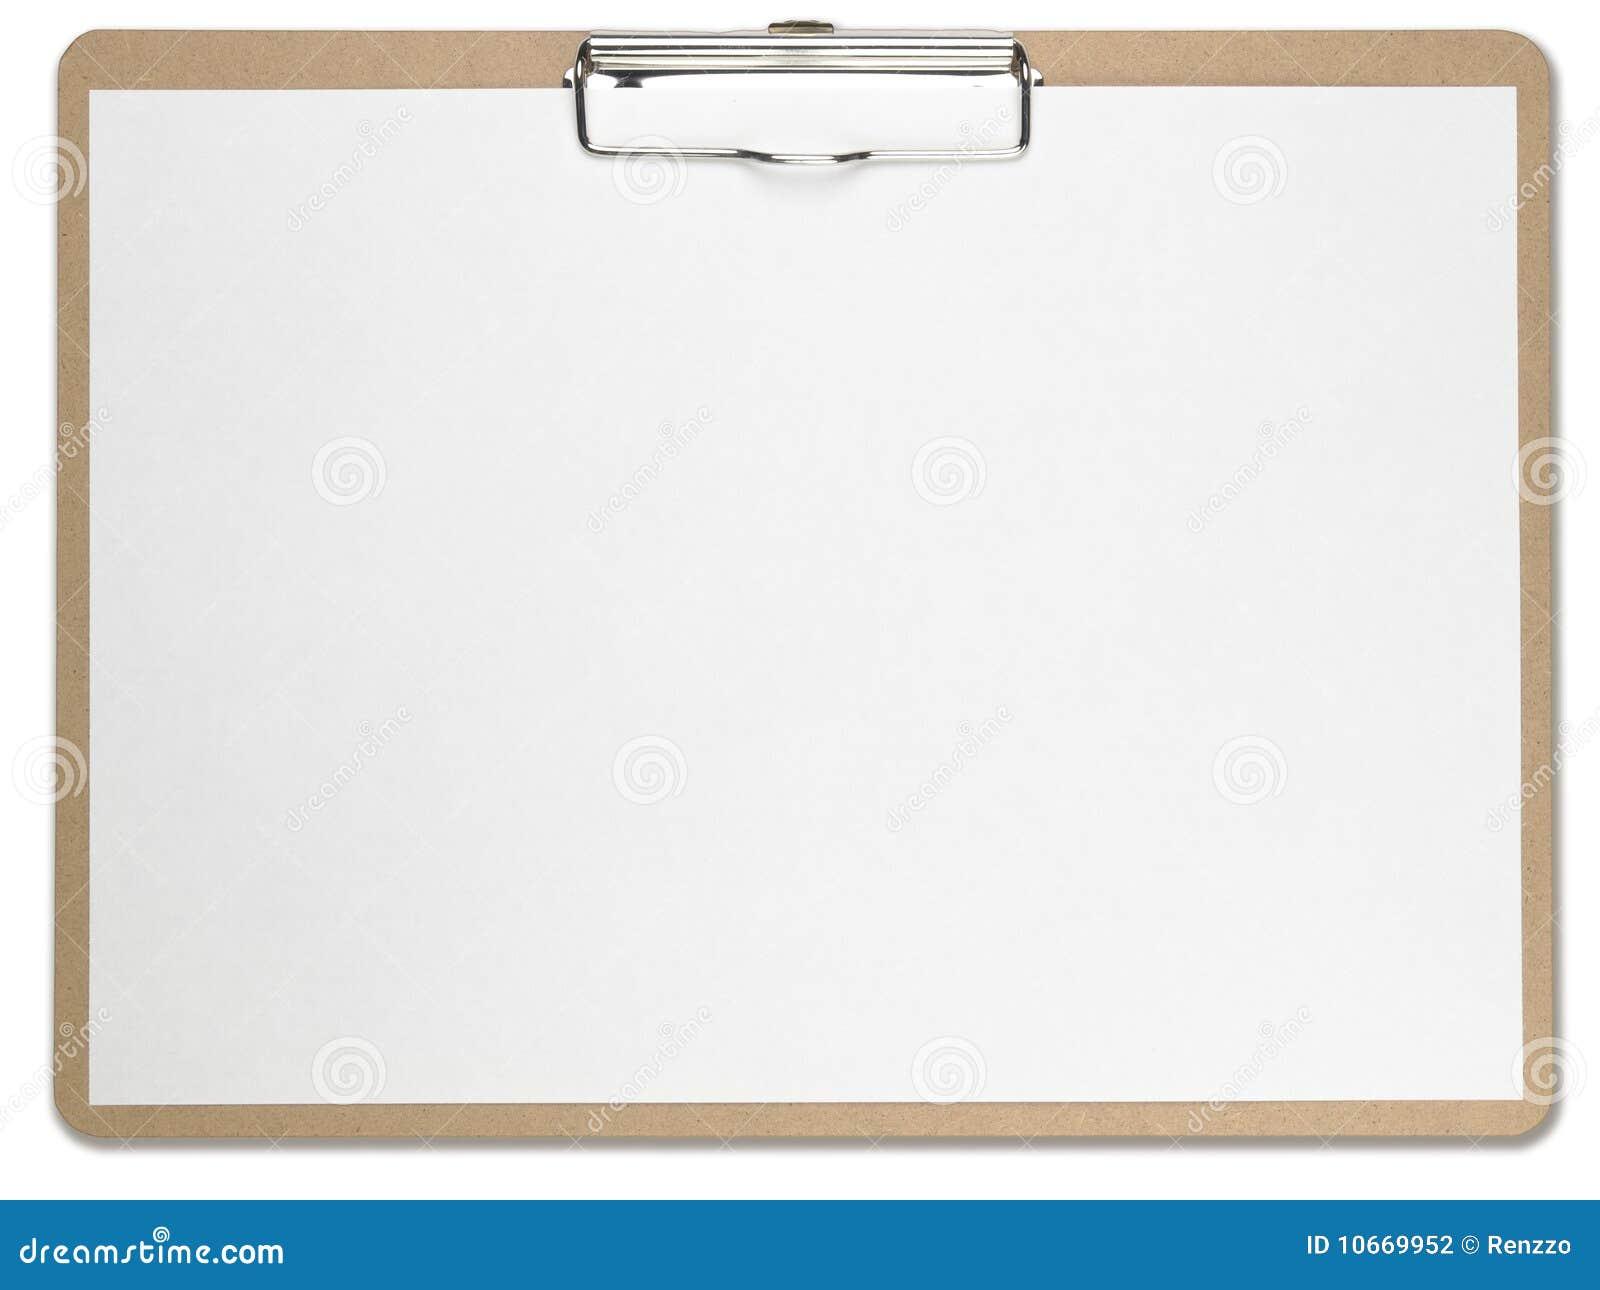 Sujetapapeles horizontal con el Libro Blanco en blanco.